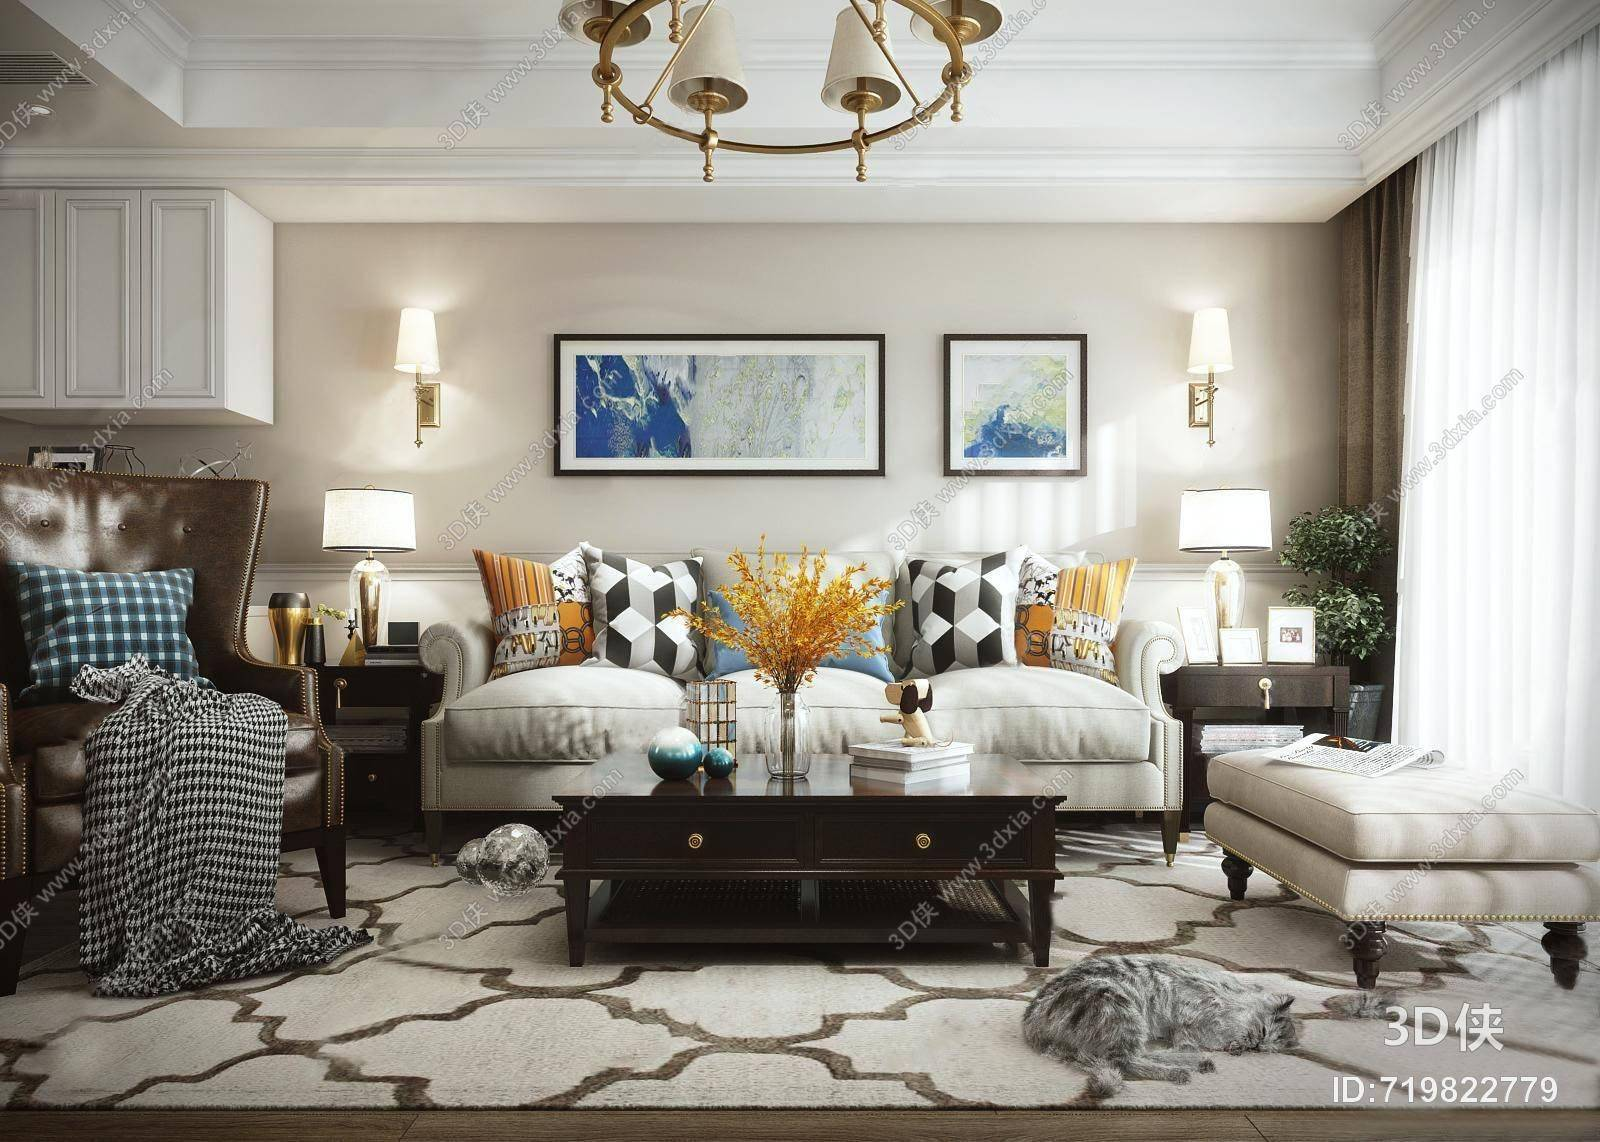 美式客厅3D模型 吊灯 三人沙发 单人沙发 茶几 装饰画